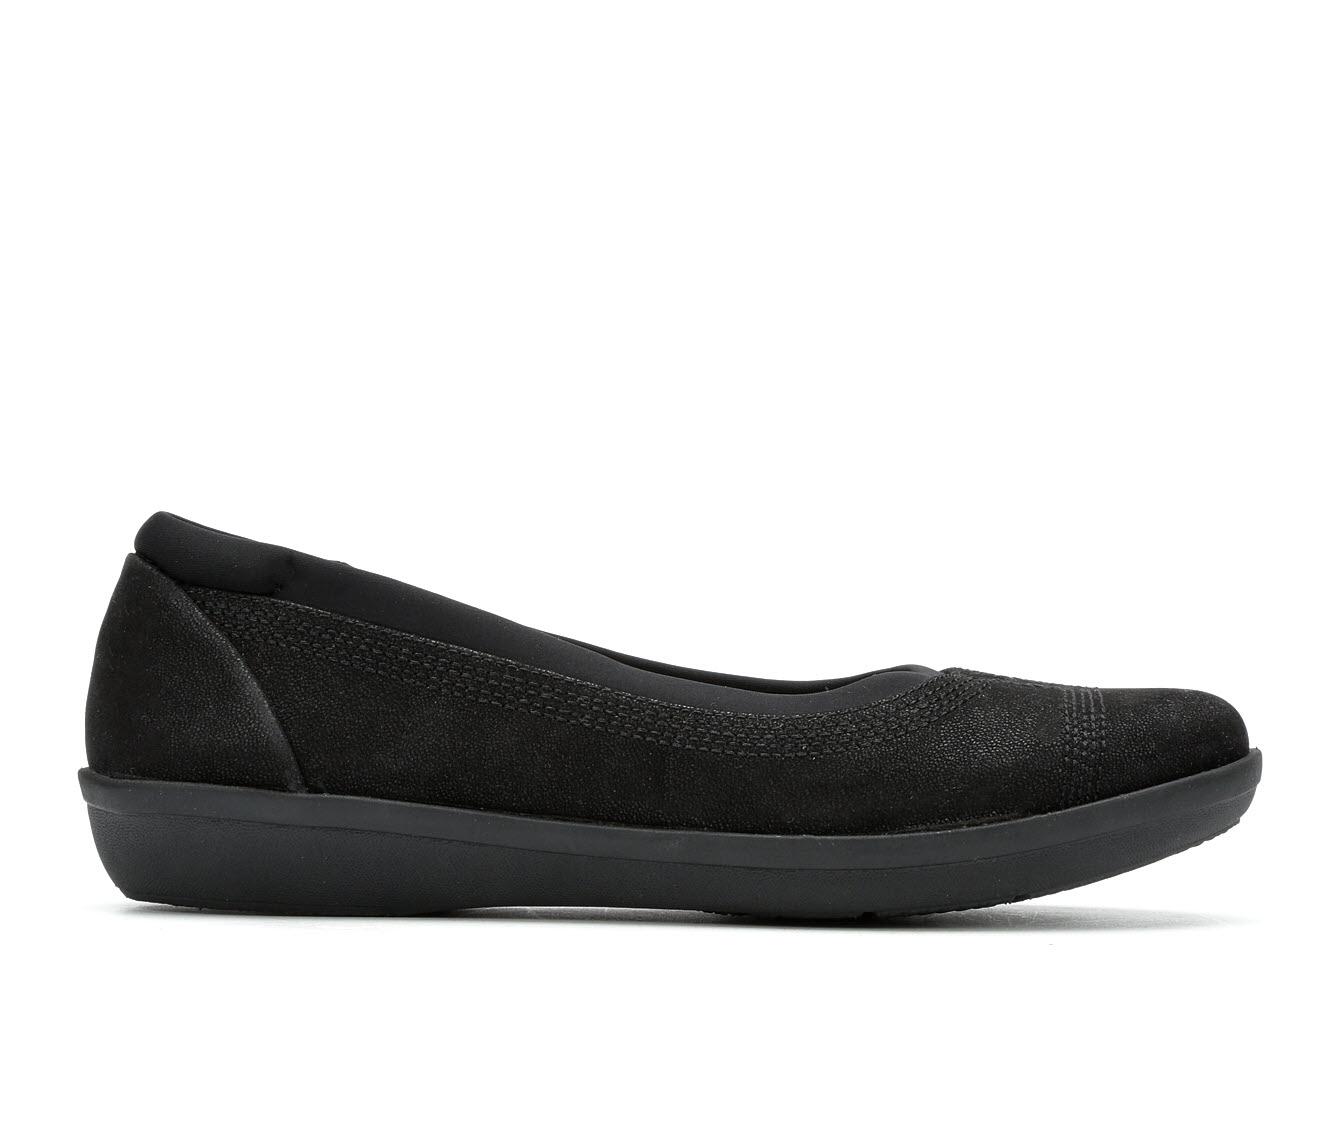 Clarks Ayla Low Women's Shoe (Black Leather)